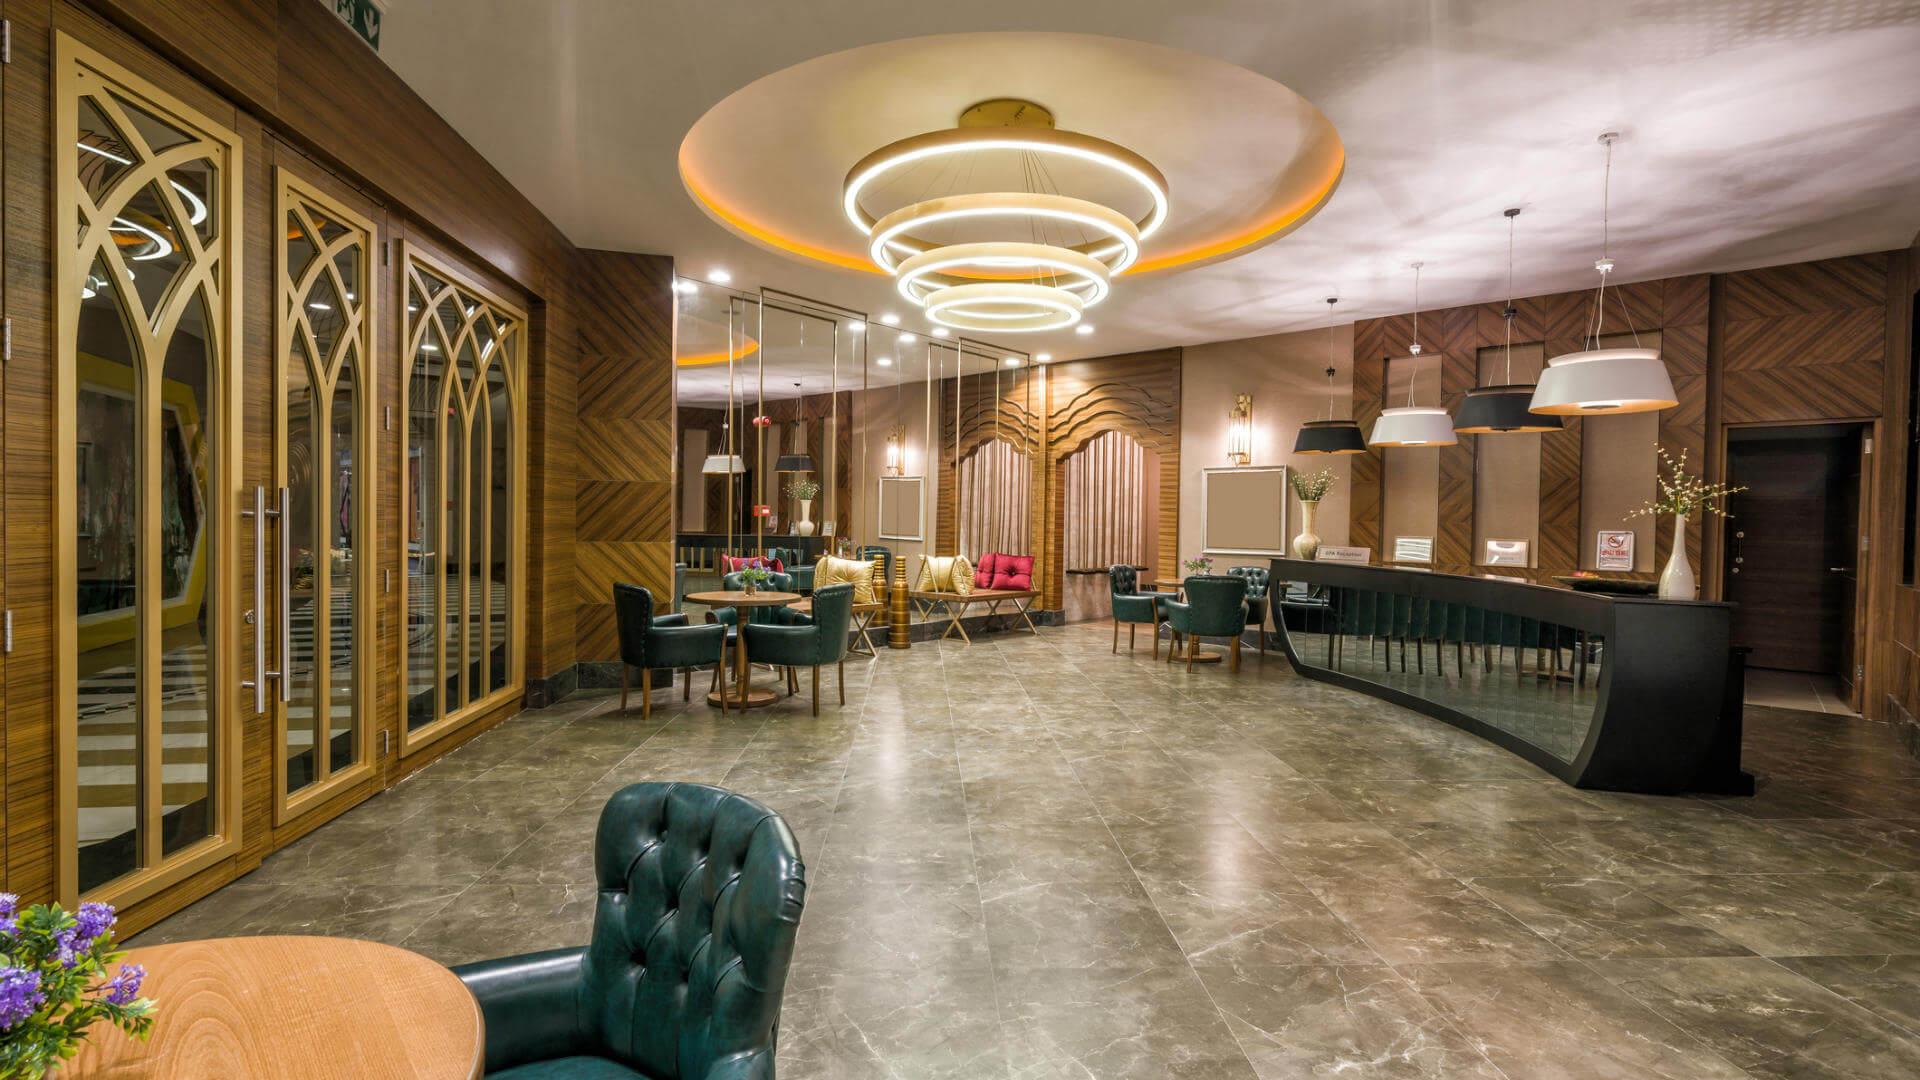 recepcion hotel lujo